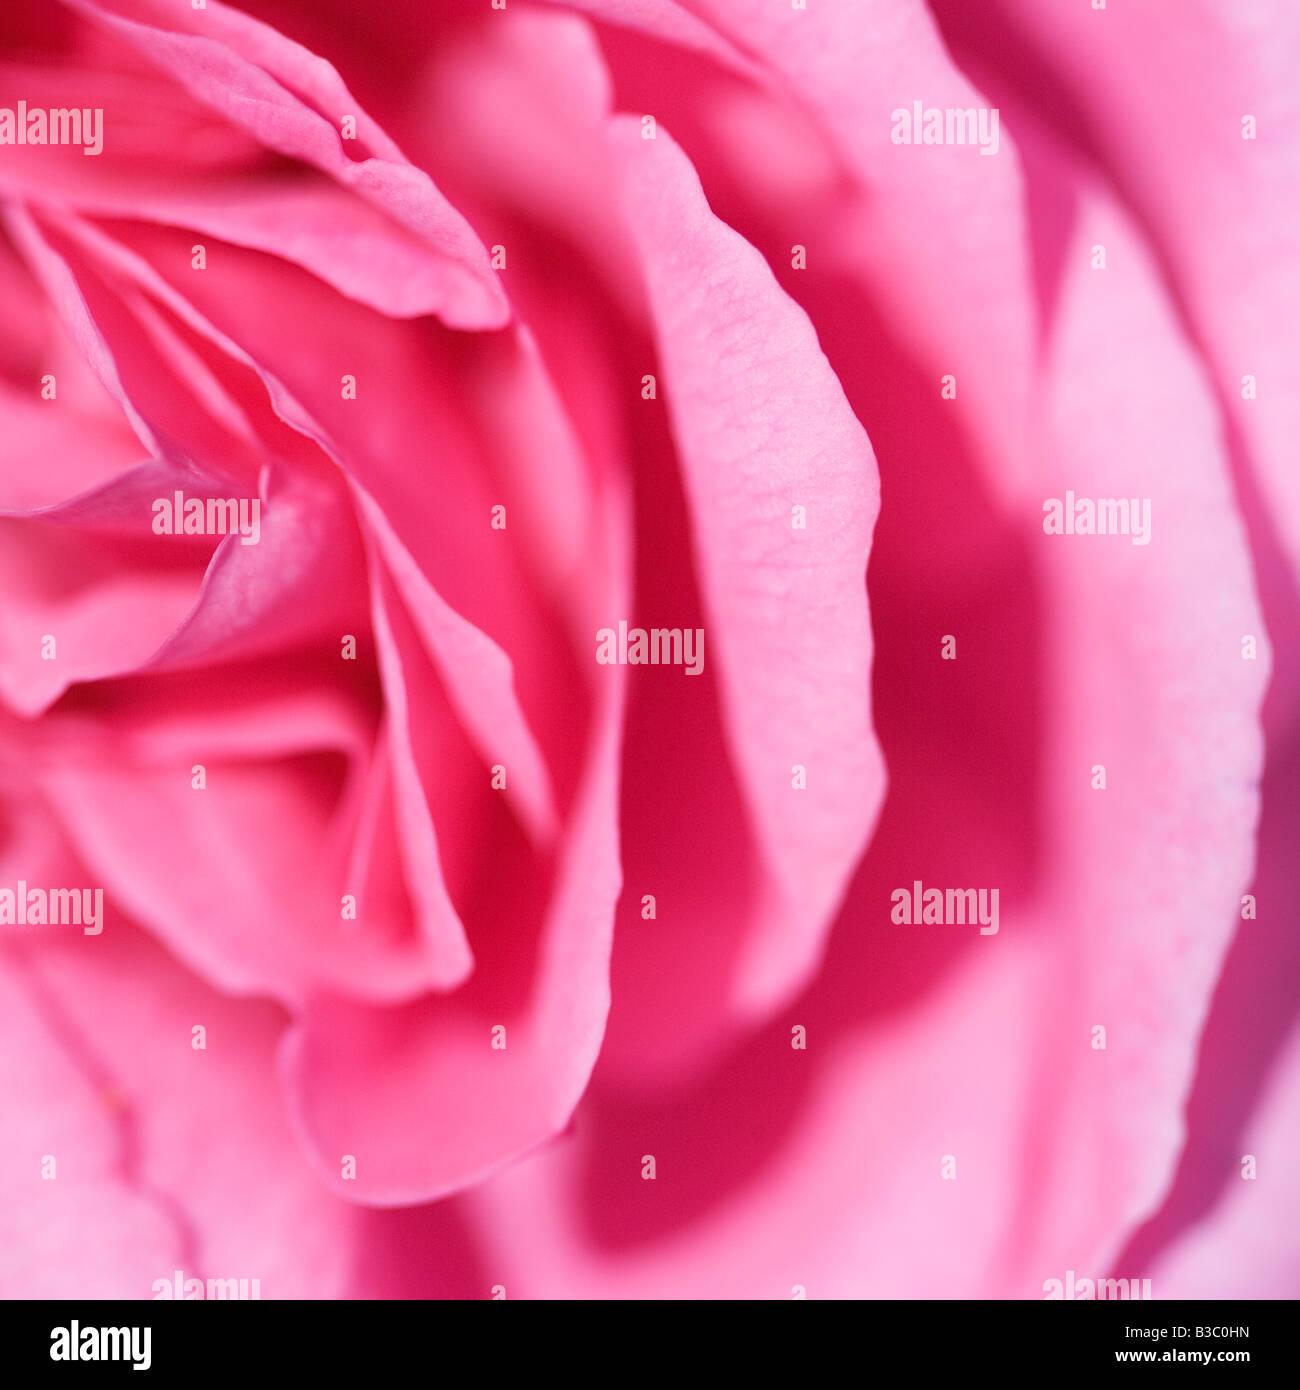 Pétales de rose close up Photo Stock